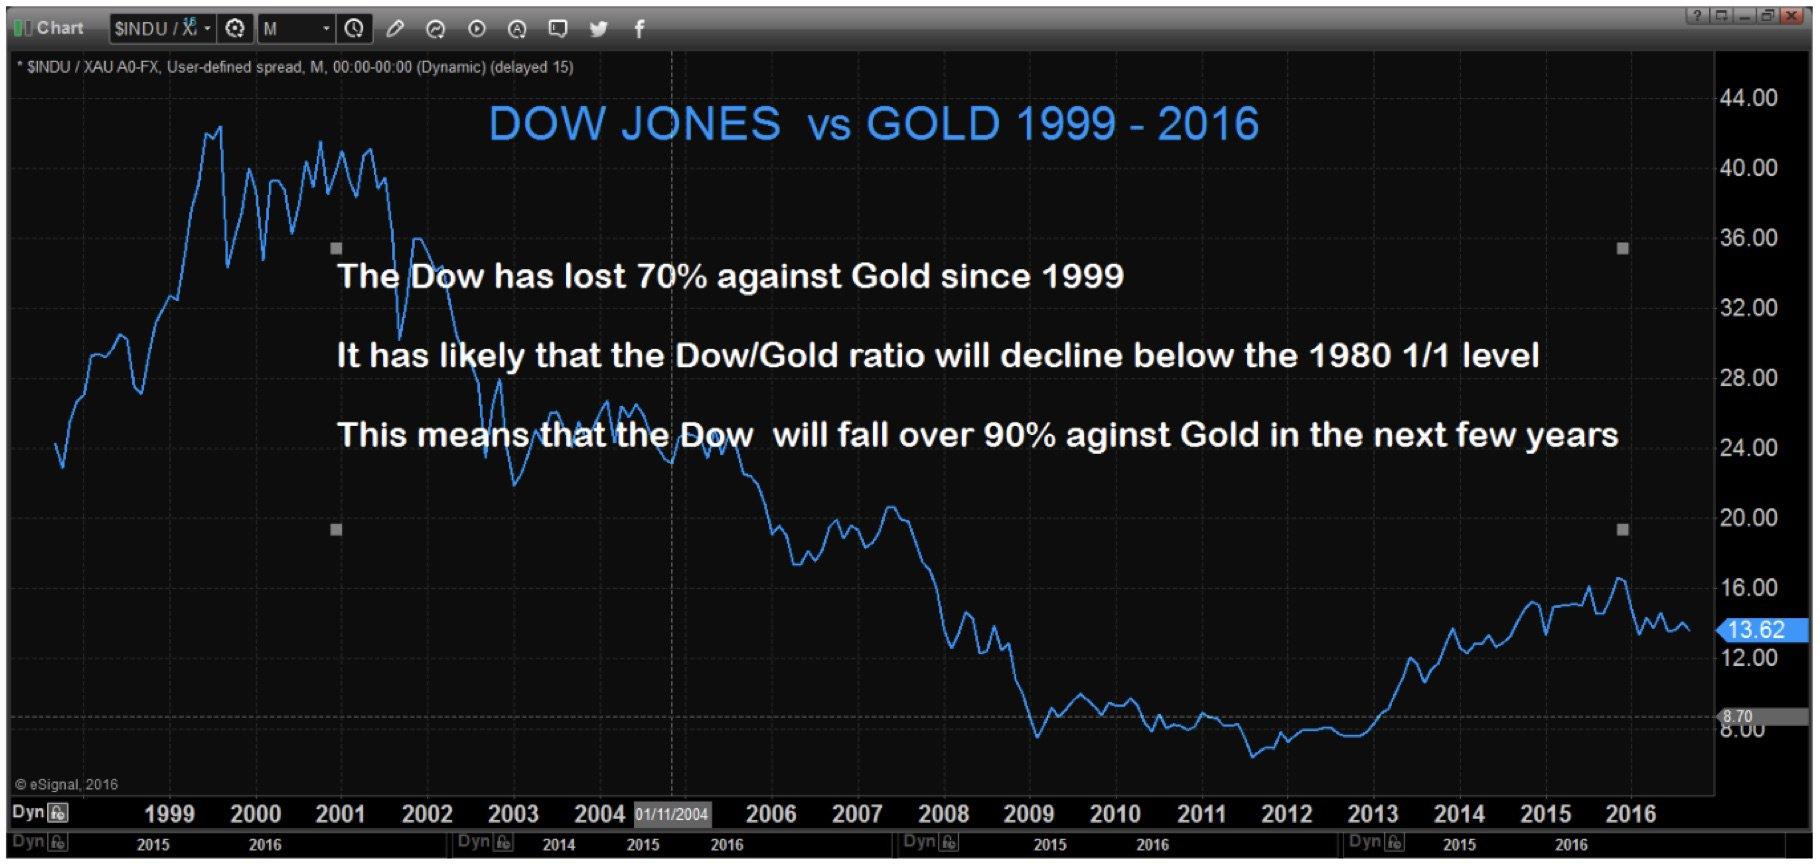 Le Dow Jones a perdu 70% contre l'or depuis 1999 Le ratio Dow Jones/or passera probablement sous le niveau de 1/1 de 1980 Cela signifie que le Dow Jones déclinera de 90% par rapport à l'or d'ici quelques années